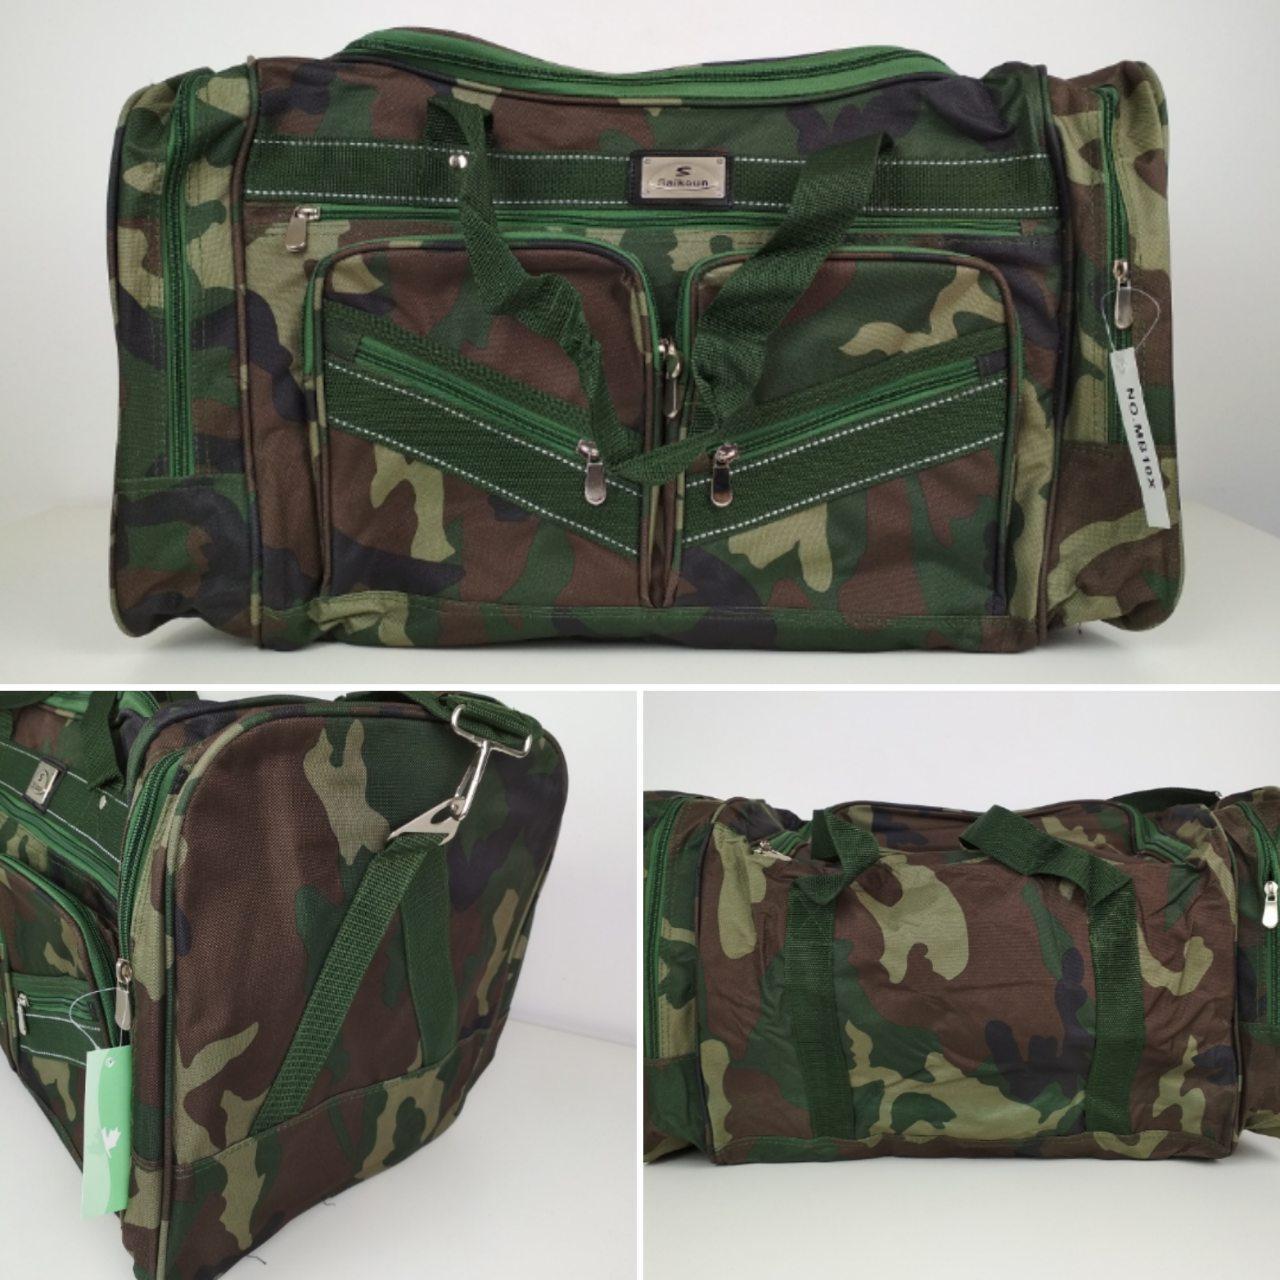 Текстильная мужская сумка камуфляж  65*35*30 см